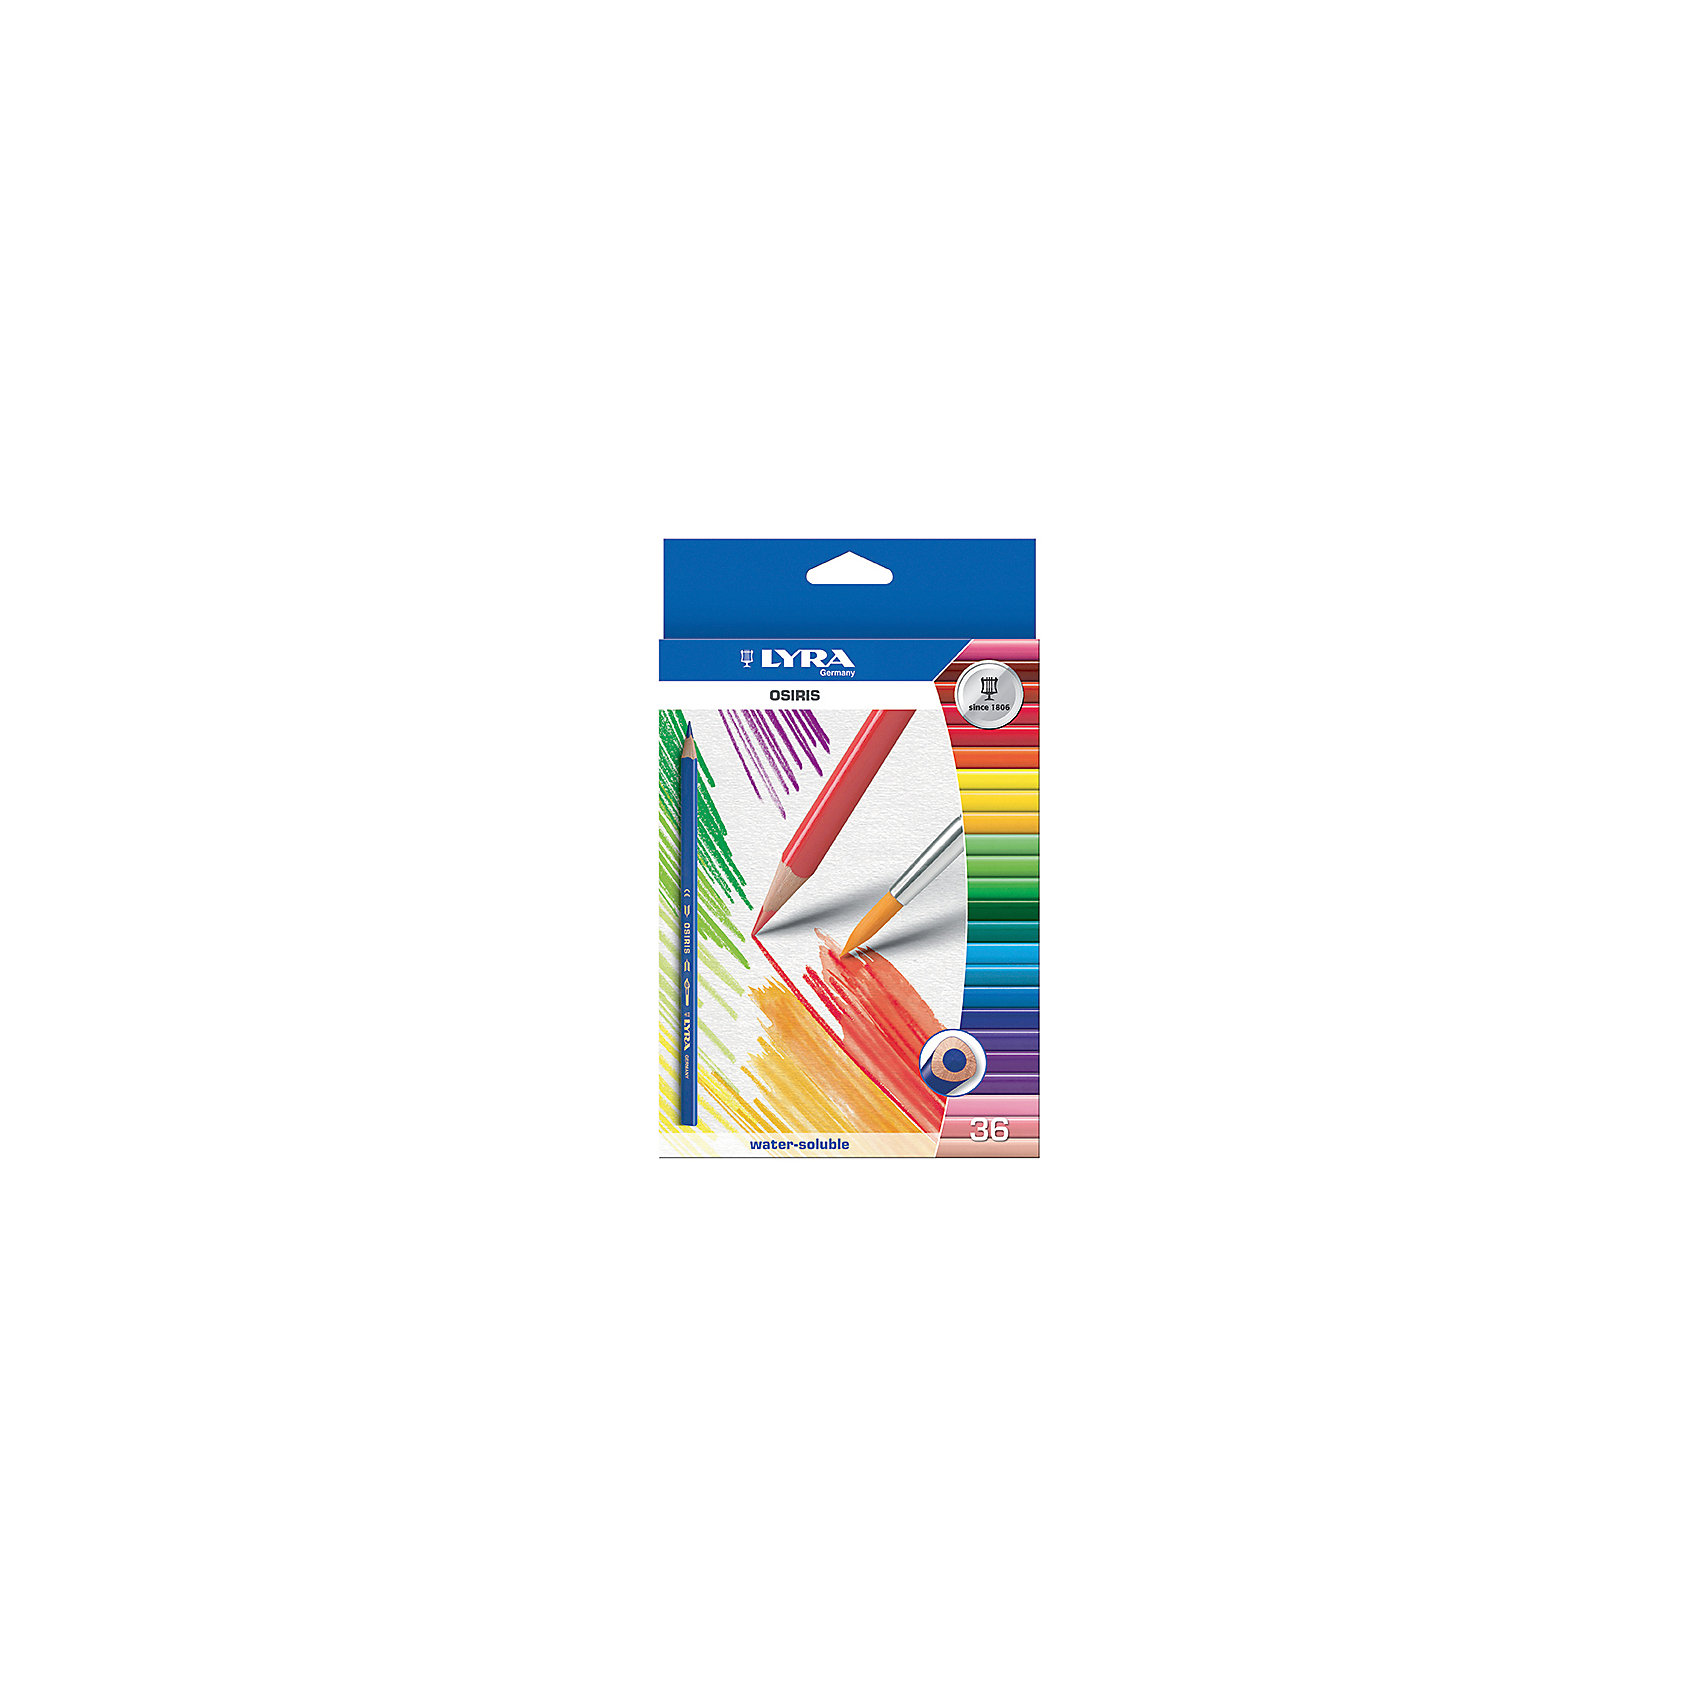 Цветные акварельные карандаши треугольной формы , 36 шт.Цветные акварельные карандаши, 36 шт.  Треугольной формы. Диаметр грифеля 3,3 мм. Экономичная линейка карандашей<br><br>Ширина мм: 219<br>Глубина мм: 144<br>Высота мм: 20<br>Вес г: 262<br>Возраст от месяцев: 72<br>Возраст до месяцев: 192<br>Пол: Унисекс<br>Возраст: Детский<br>SKU: 3322934